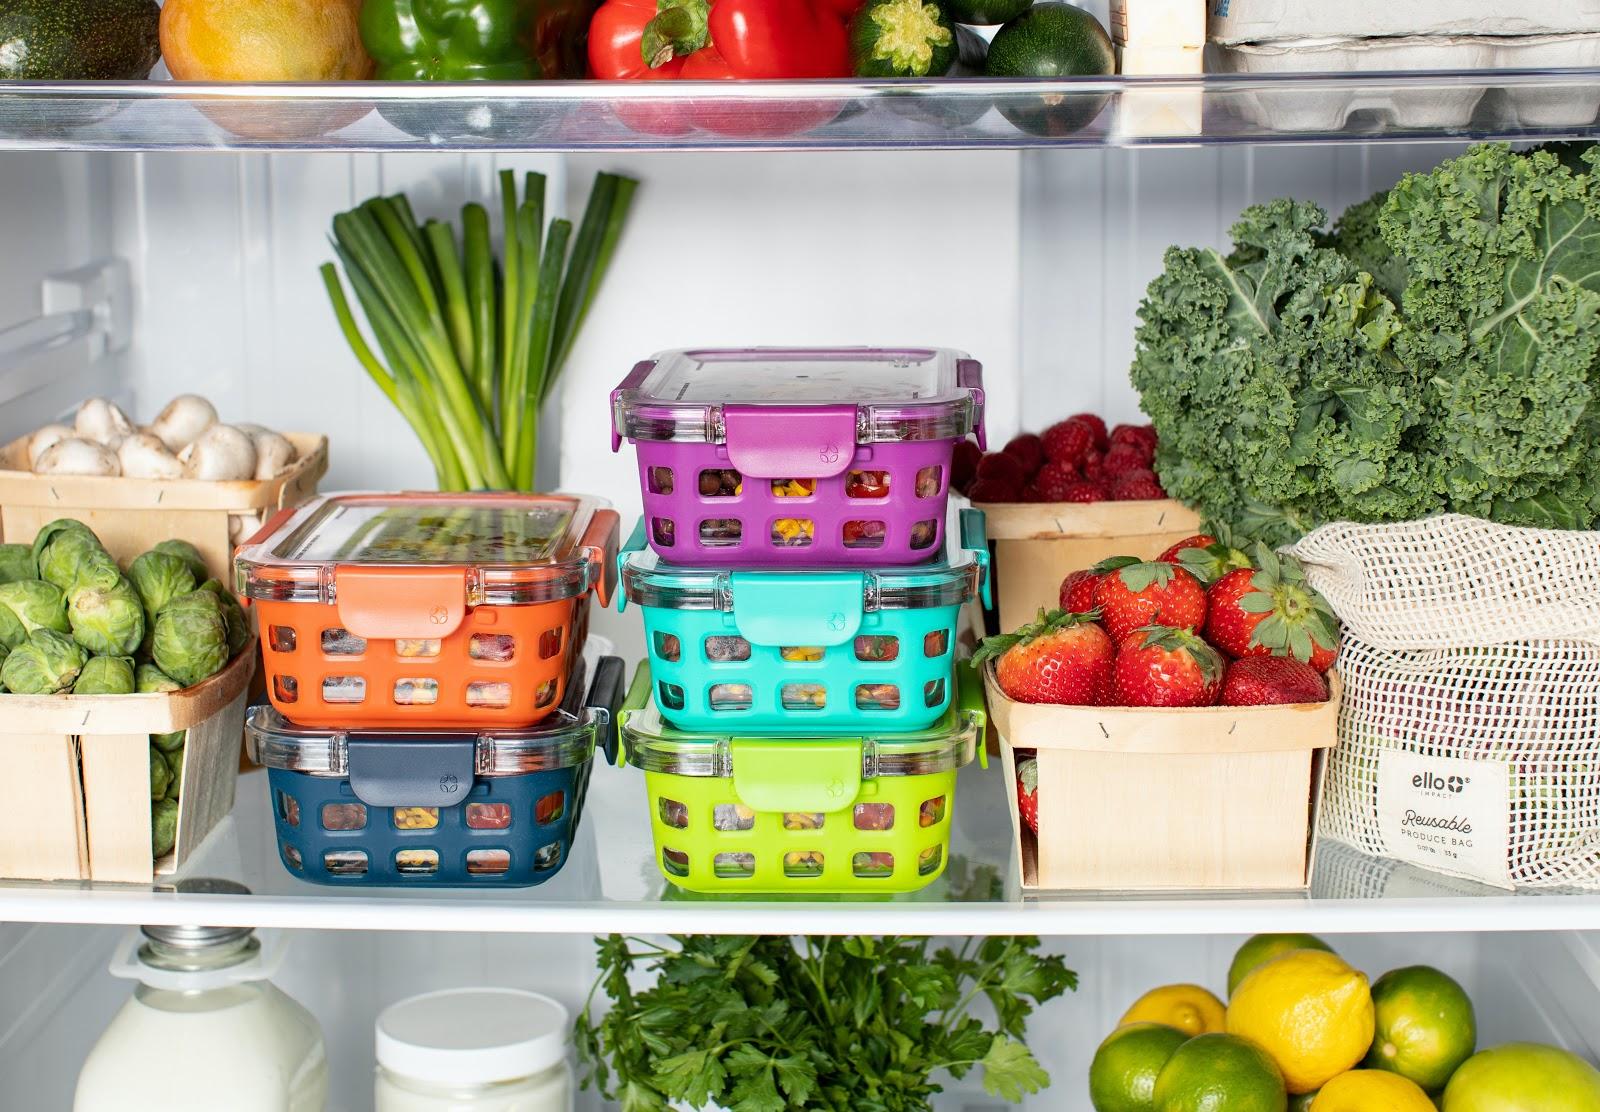 fresh vegetables in the fridge